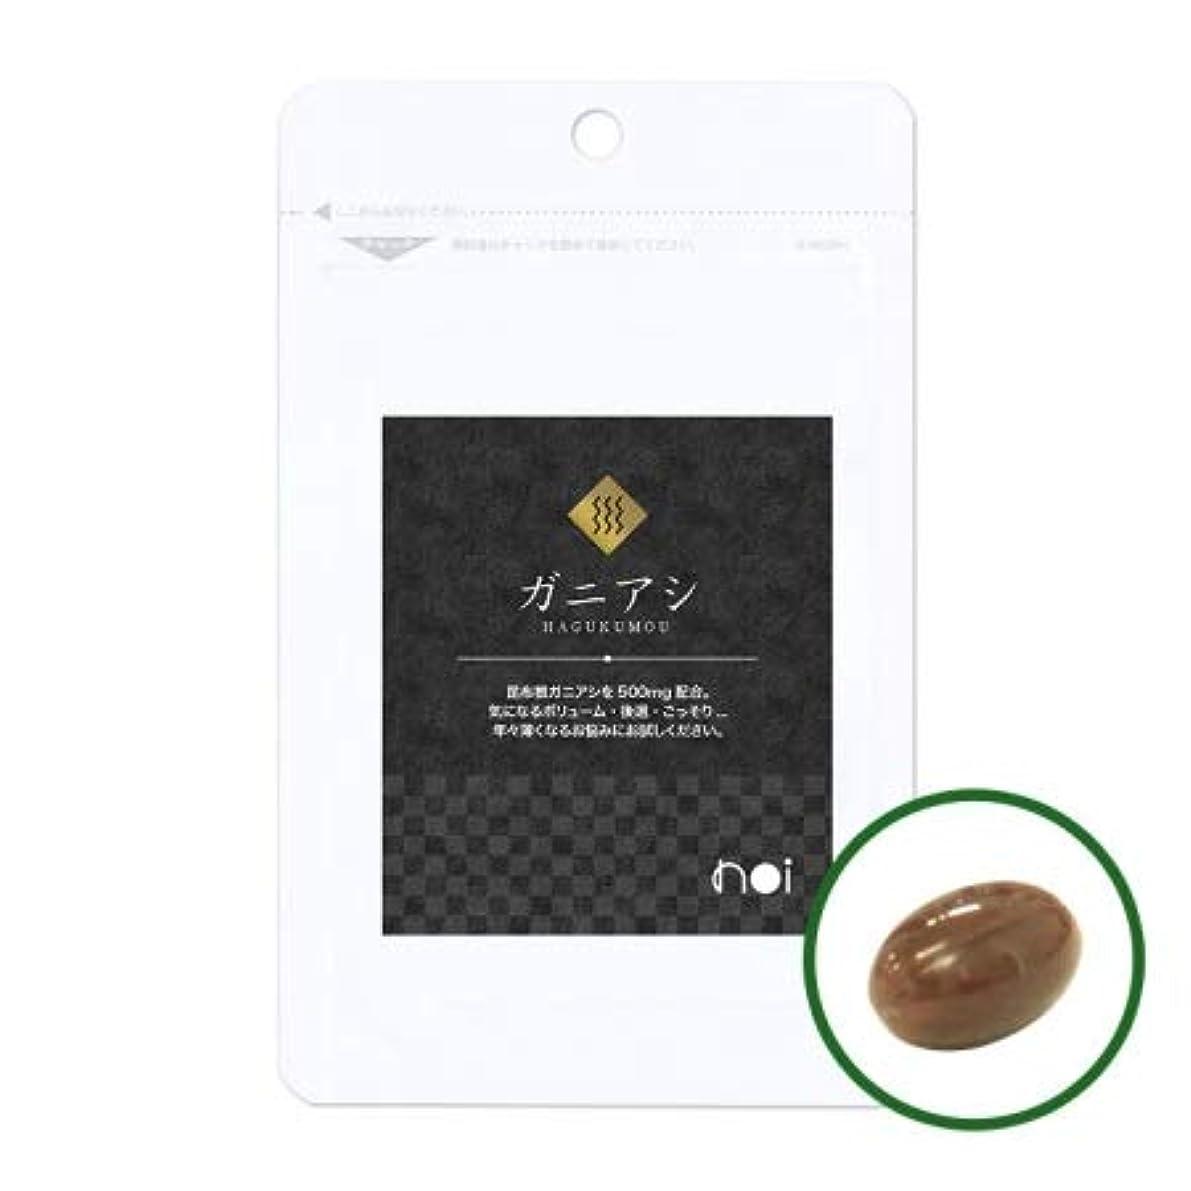 キリスト教真空レオナルドダnoi ガニアシ アグリマックス サプリメント 30袋セット 国産 ギガ盛り30%OFF